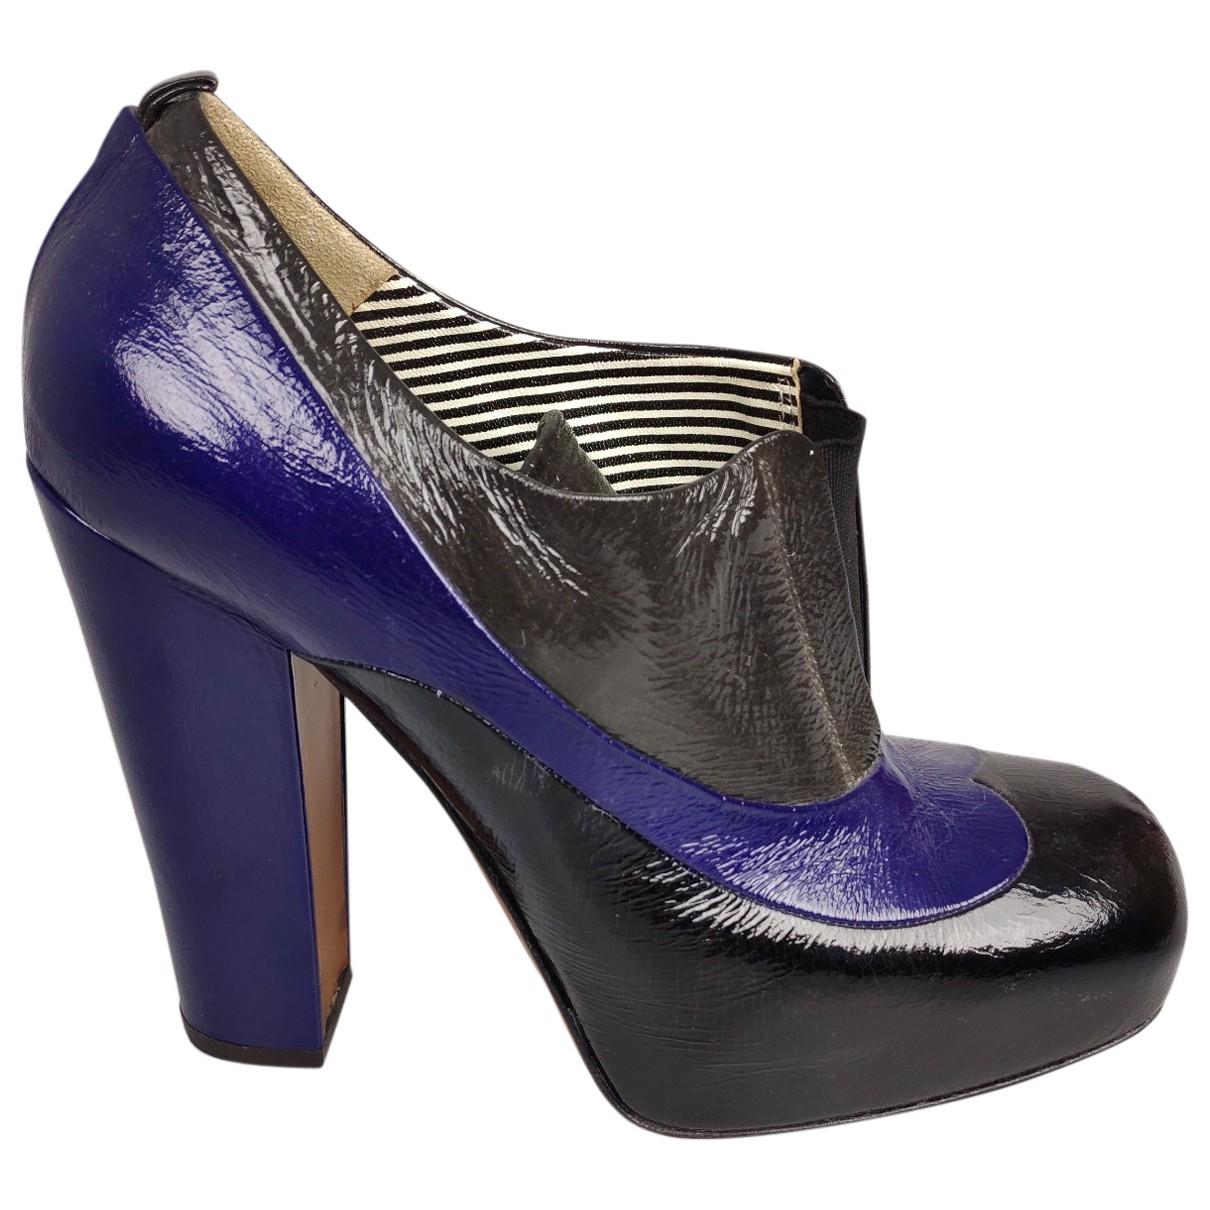 Moschino - Boots   pour femme en cuir verni - noir